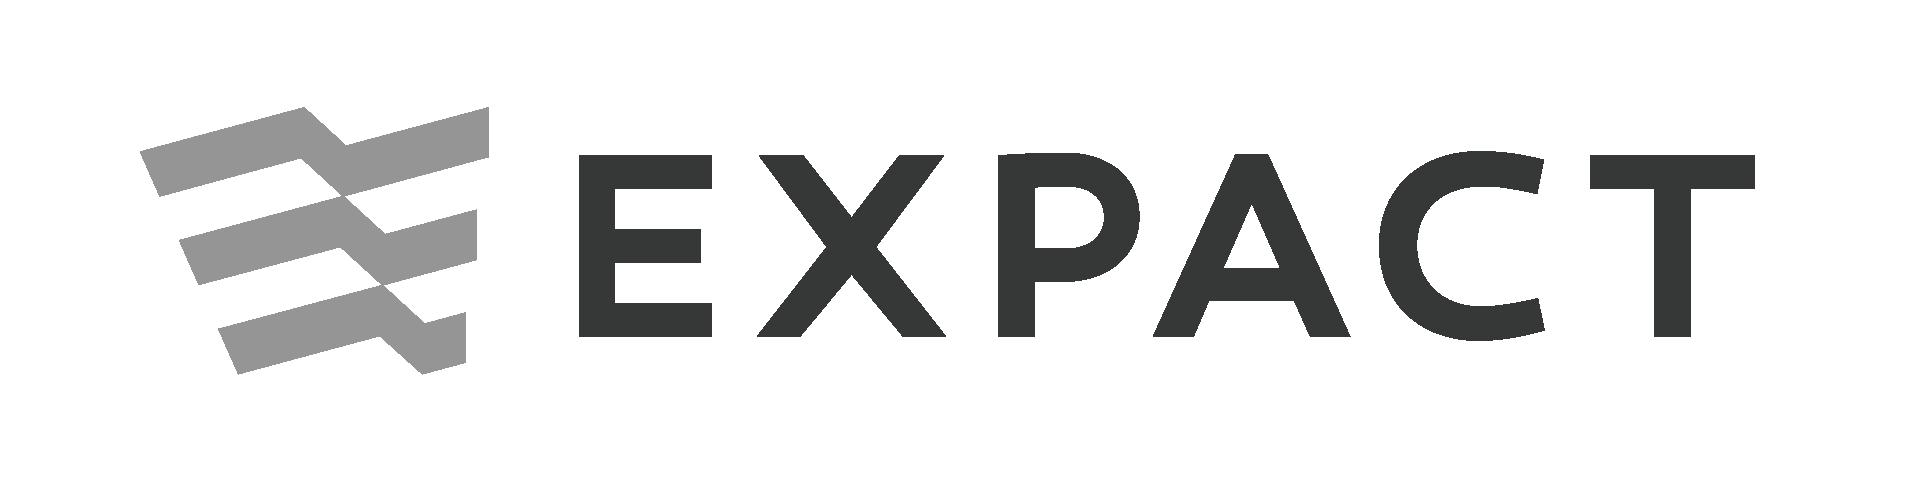 EXPACT|新たな挑戦へ 資金調達をデザインする